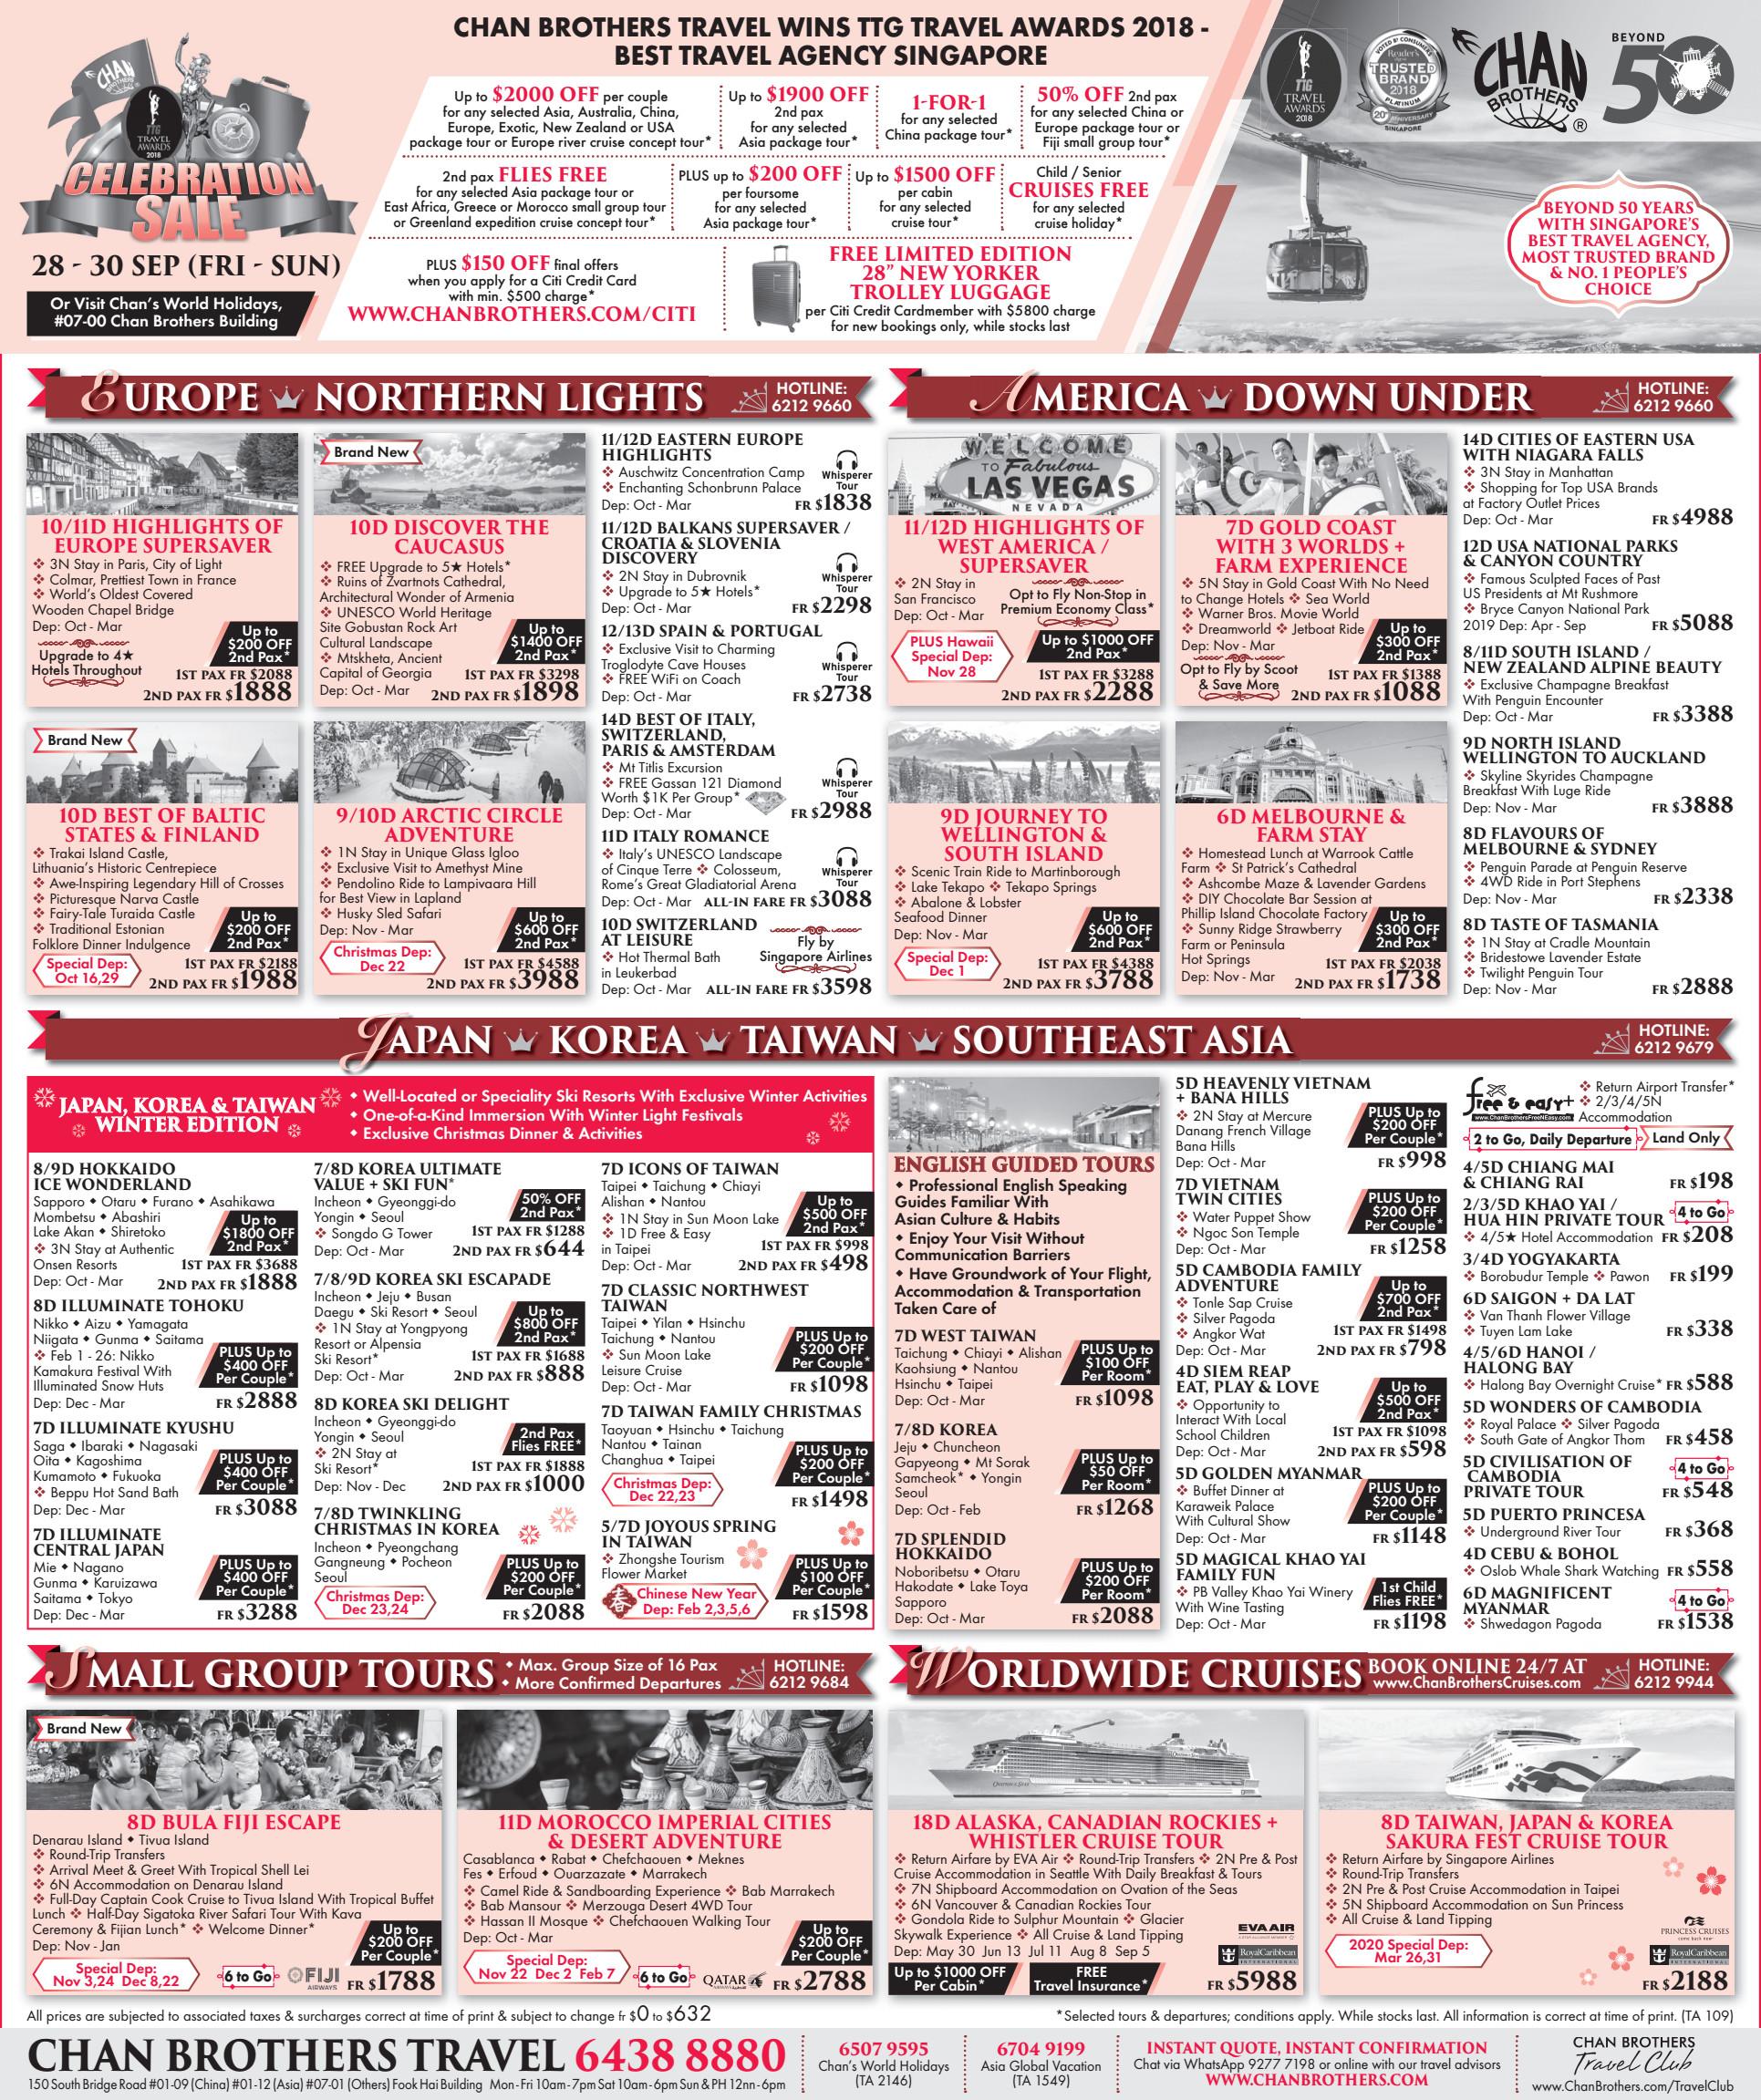 Celebration Sale - Brochures